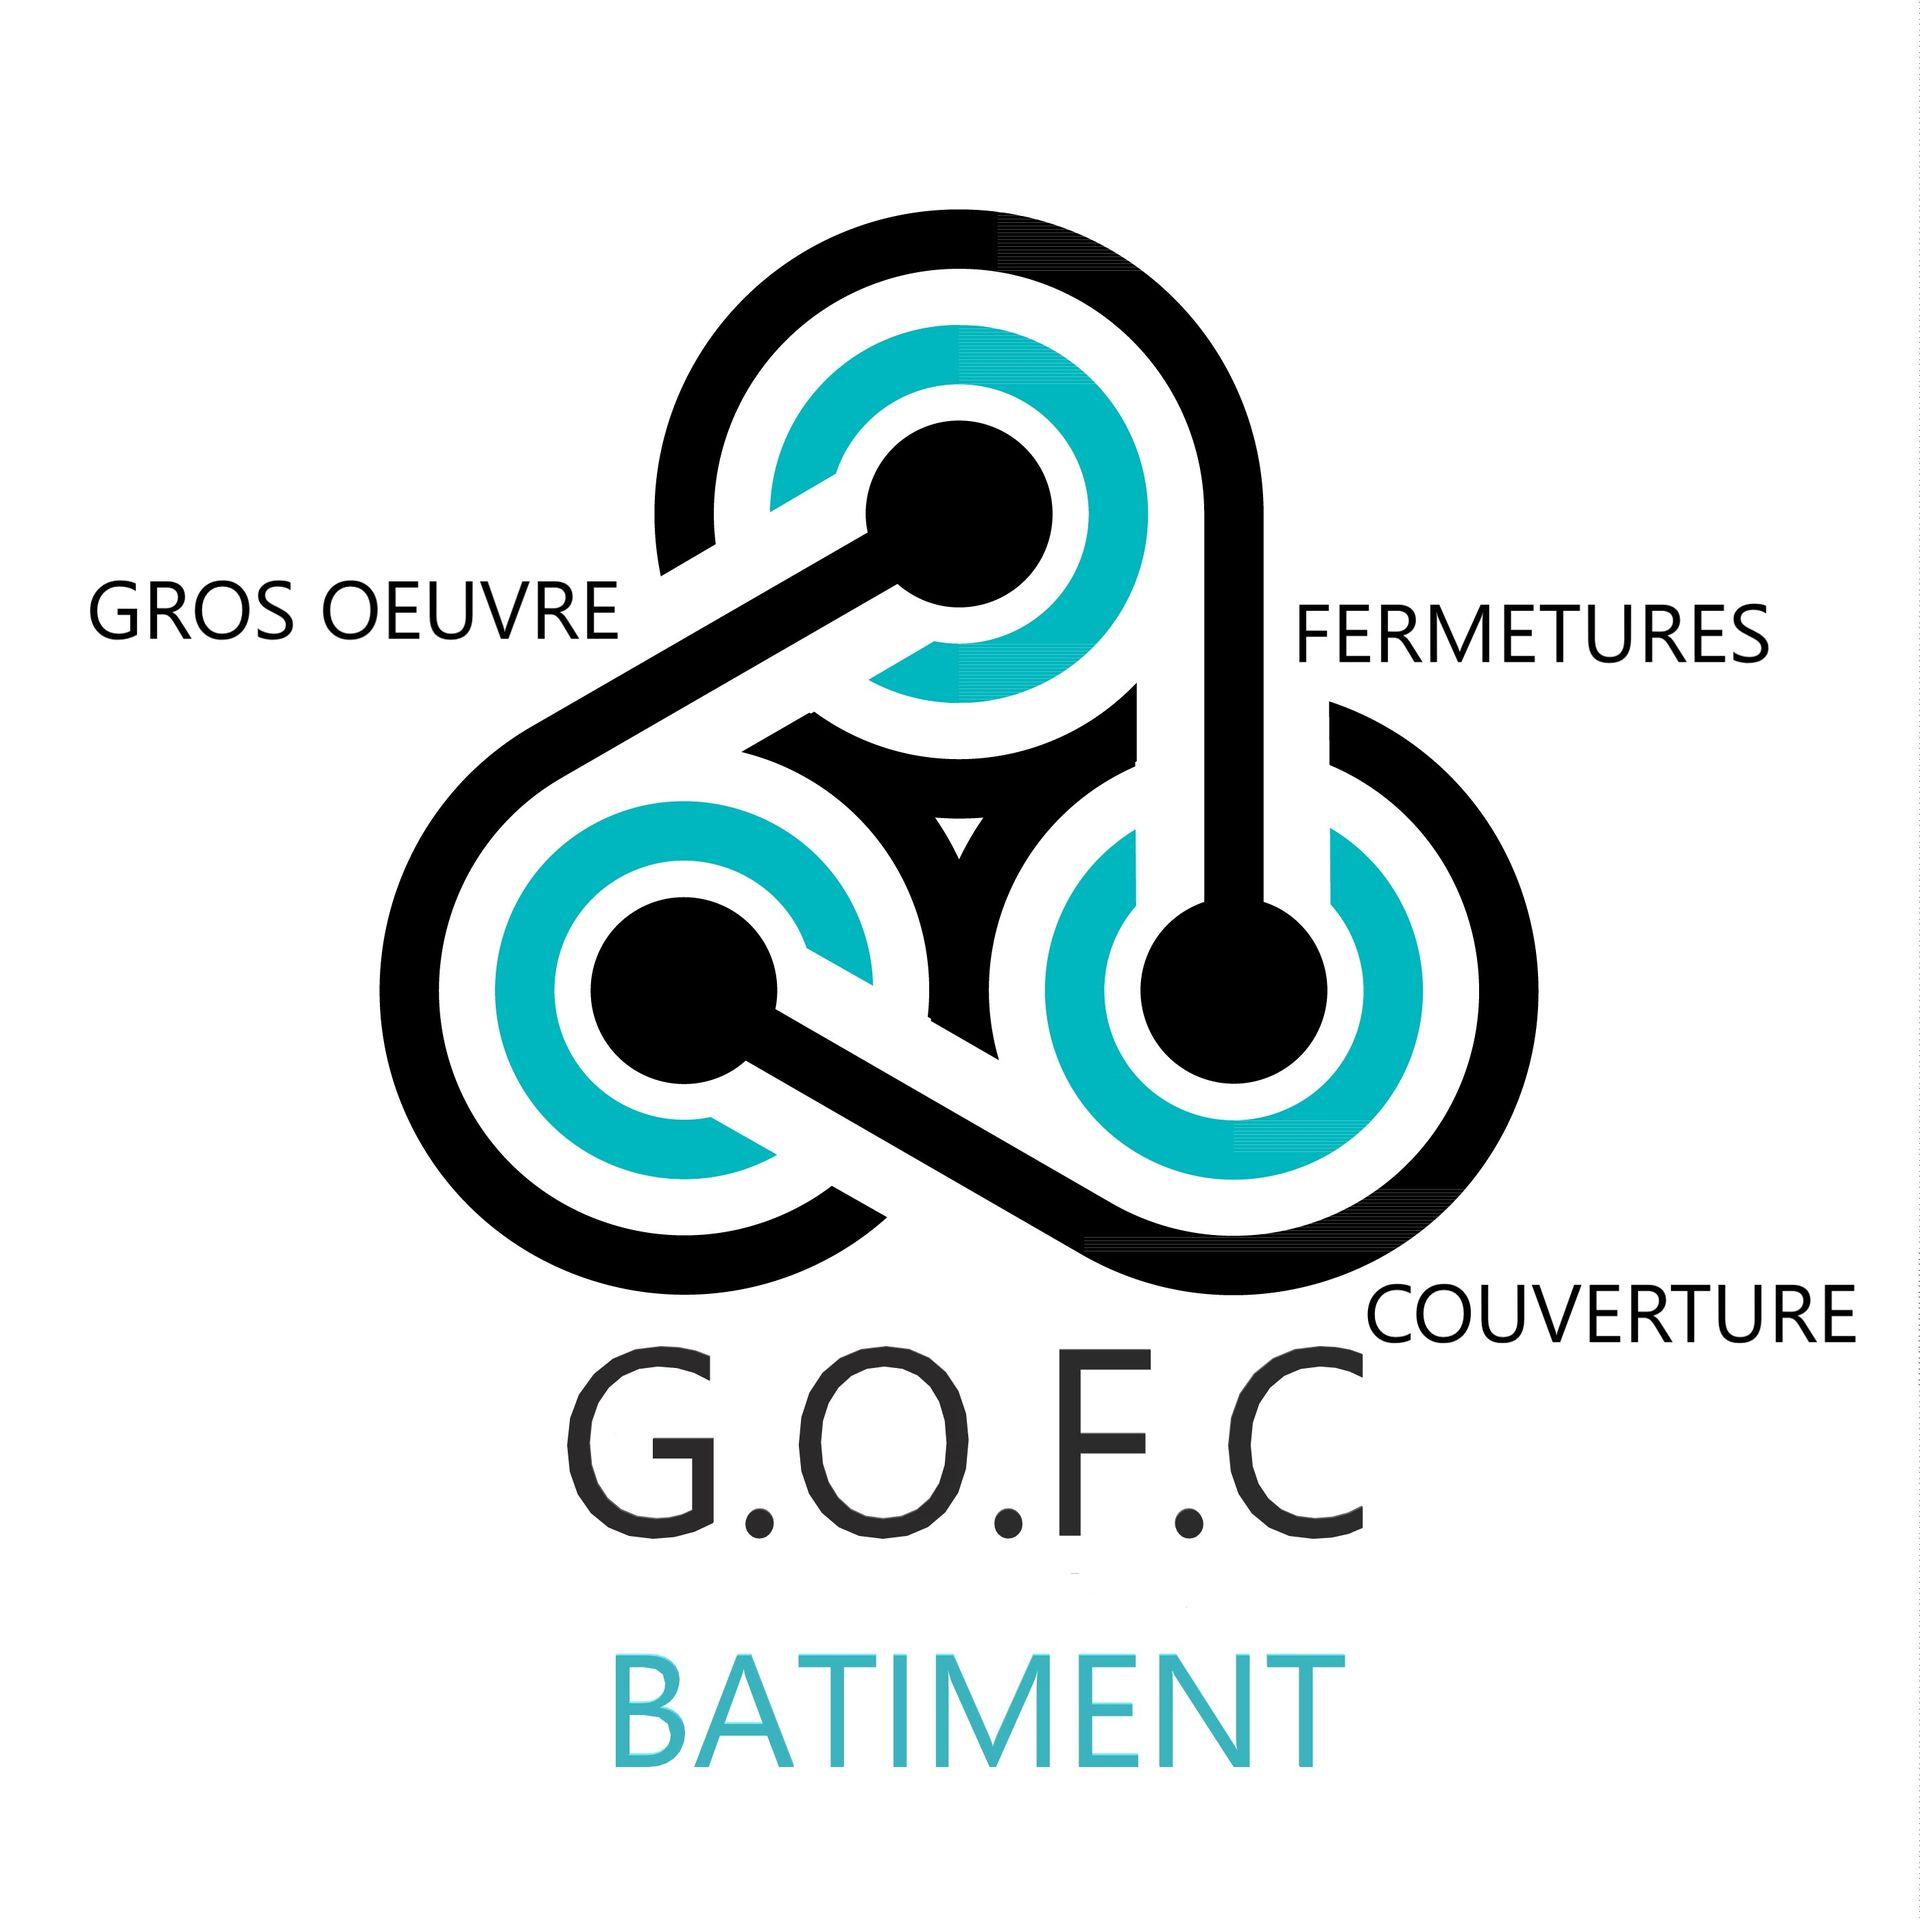 G.O.F.C. BATIMENT